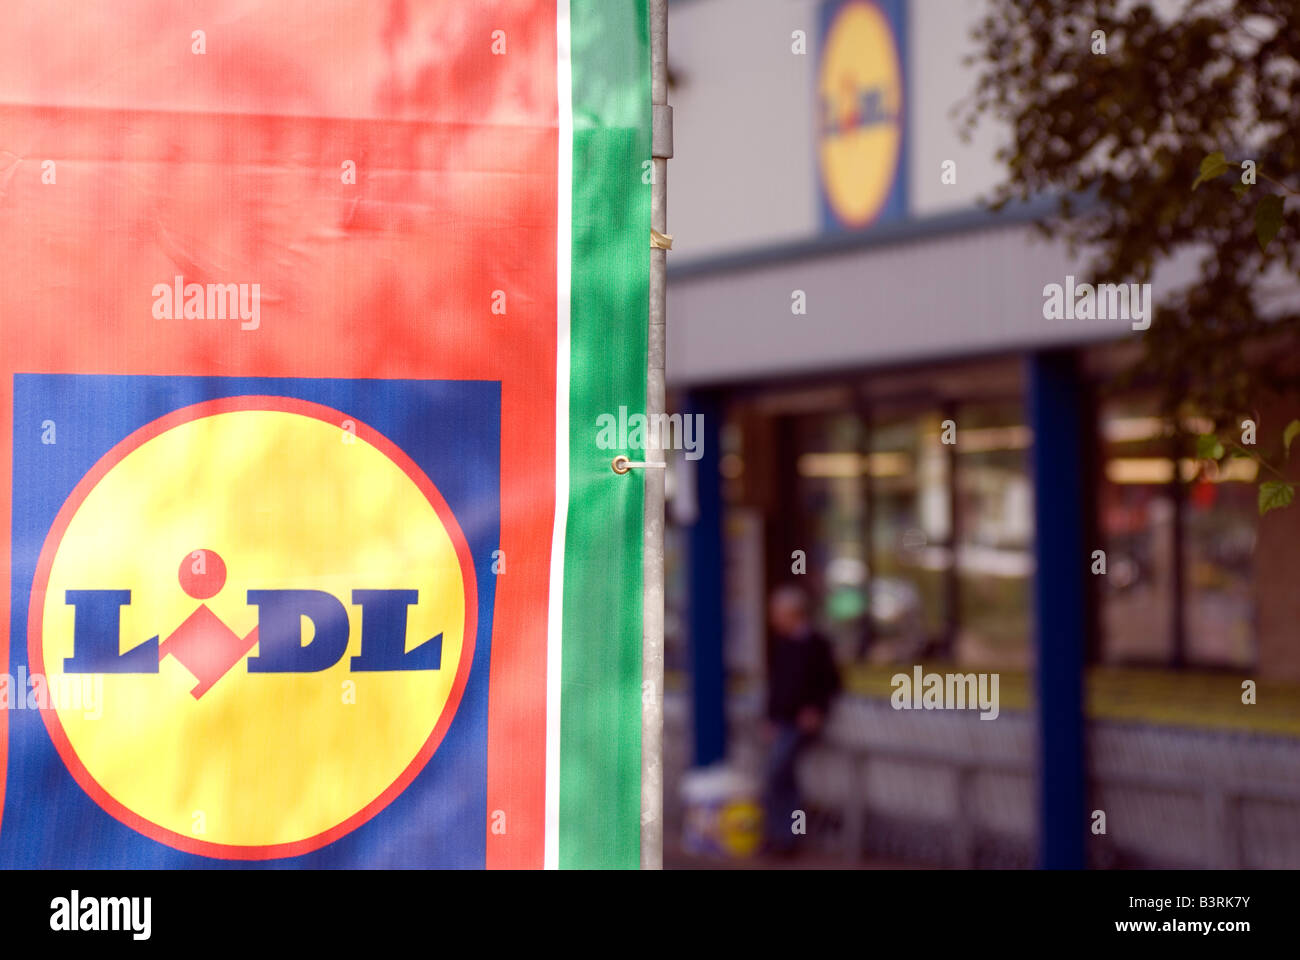 Lidl Supermercato economico dell'alimento dentro Fotografie Stock Lidl economico-8369